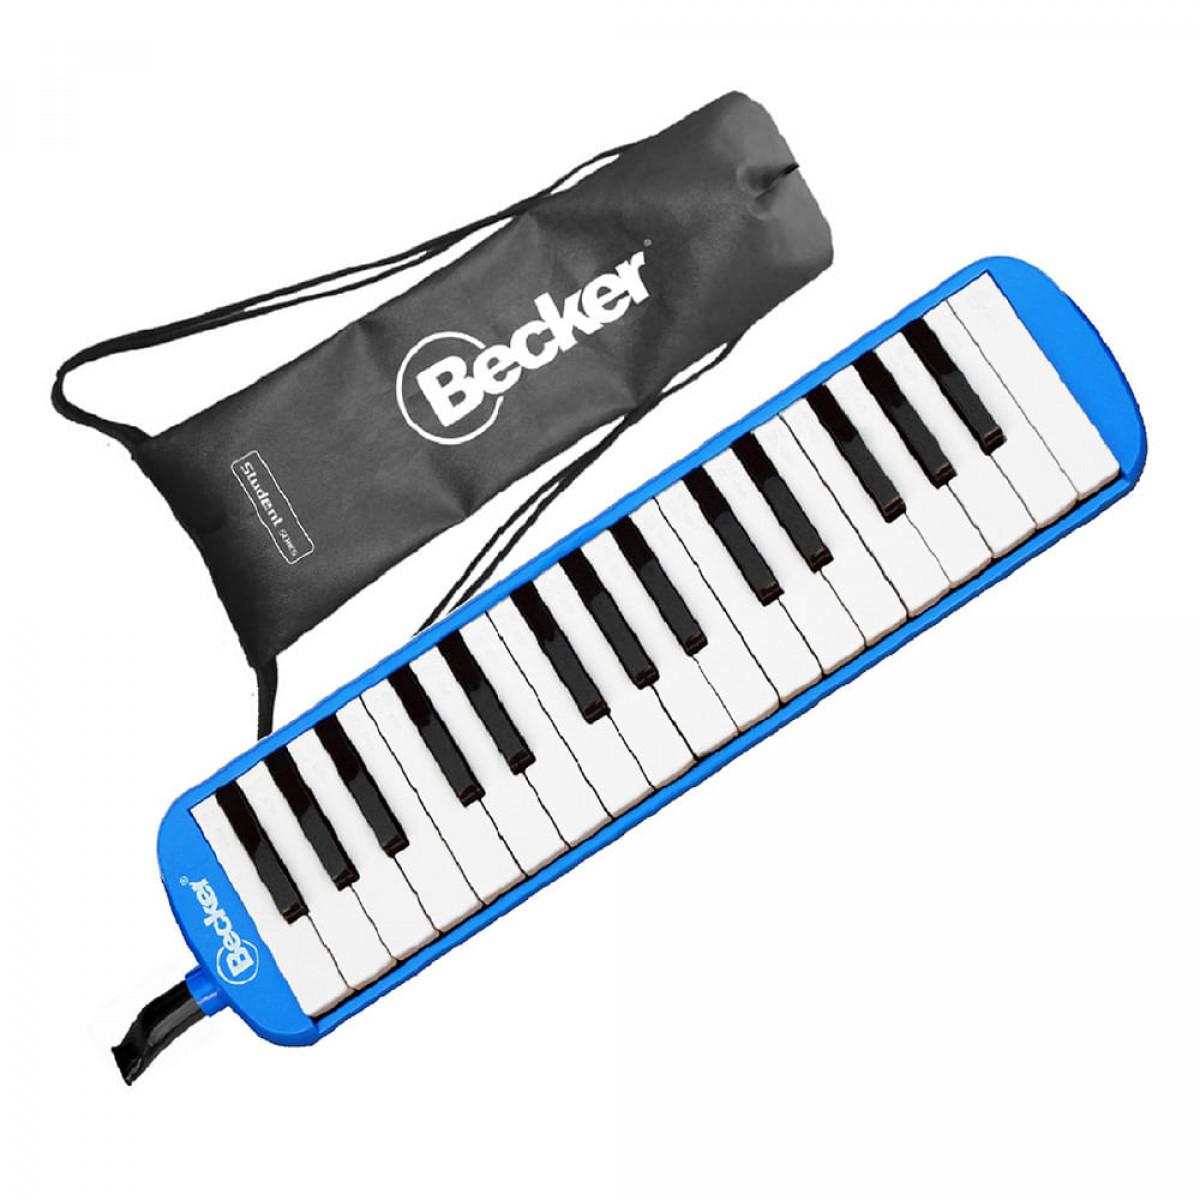 Escaleta Melódica Becker 32 teclas Azul Com Bag